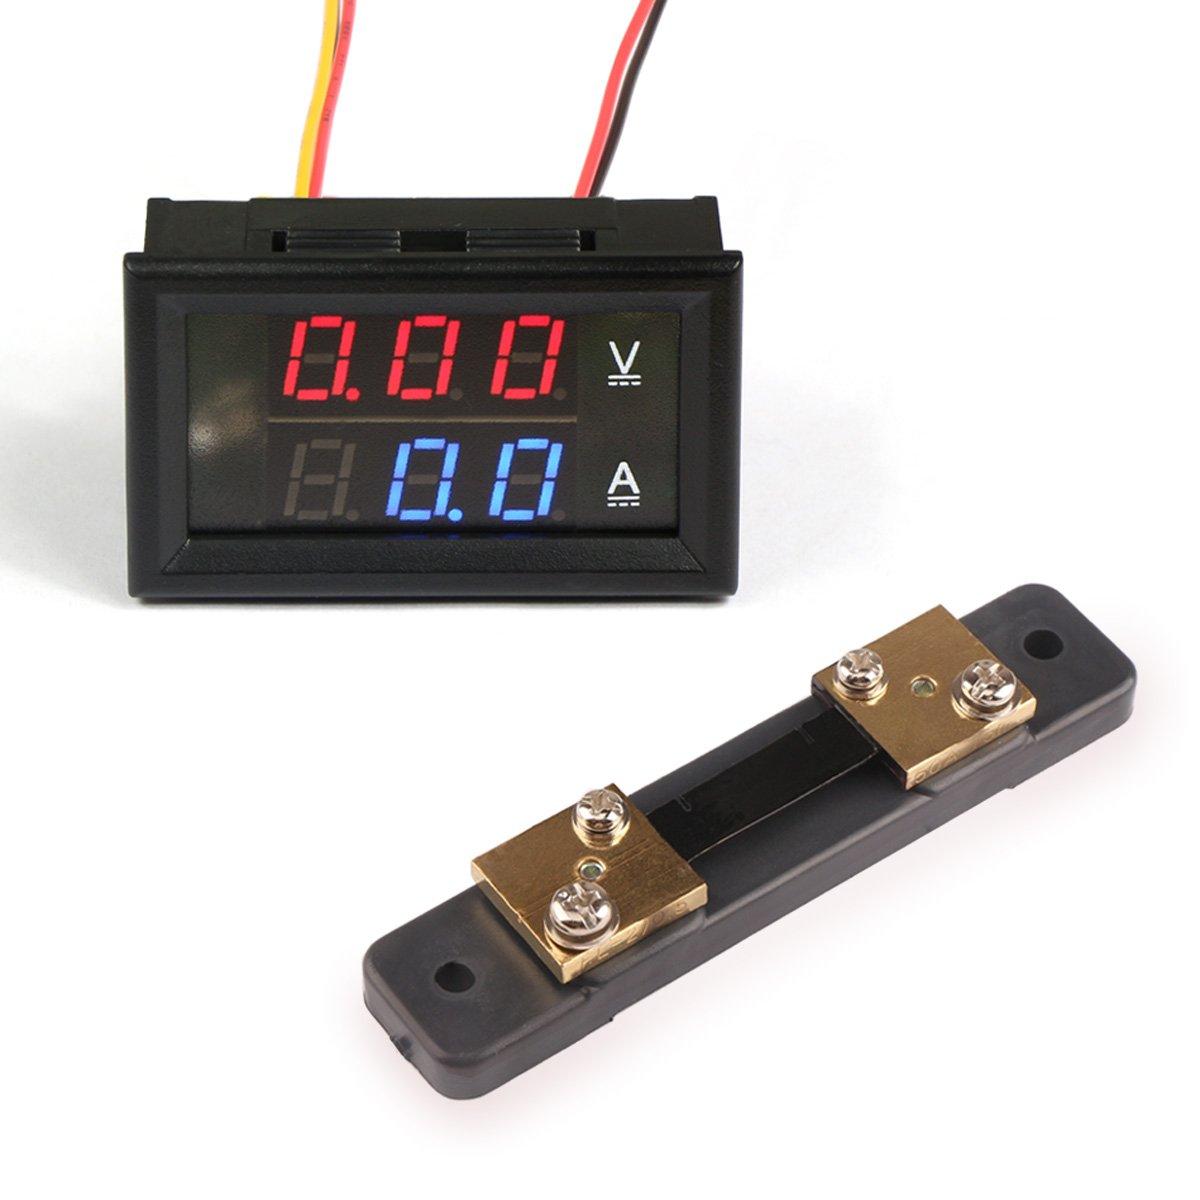 DROK Digital LED Current Voltage Measurement DC 0-100V/50A Ampere Volt Meter Red/Blue Dual Color 100045